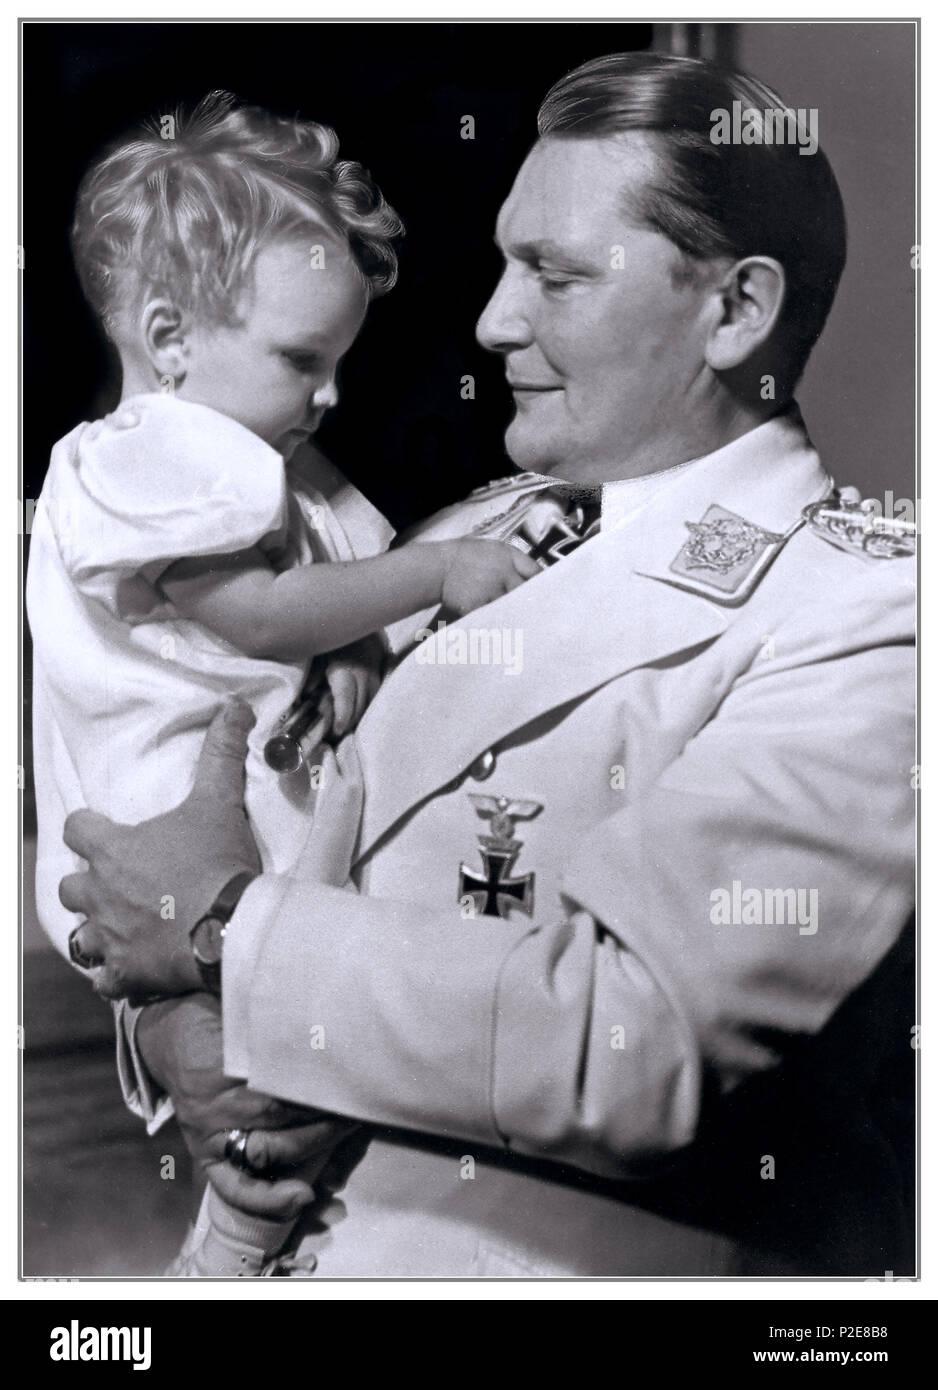 Vintage ritratto paterno 1930 Edda Goering con suo padre Hermann Goering capo della Luftwaffe Nazista 1938 Berlino Germania Immagini Stock